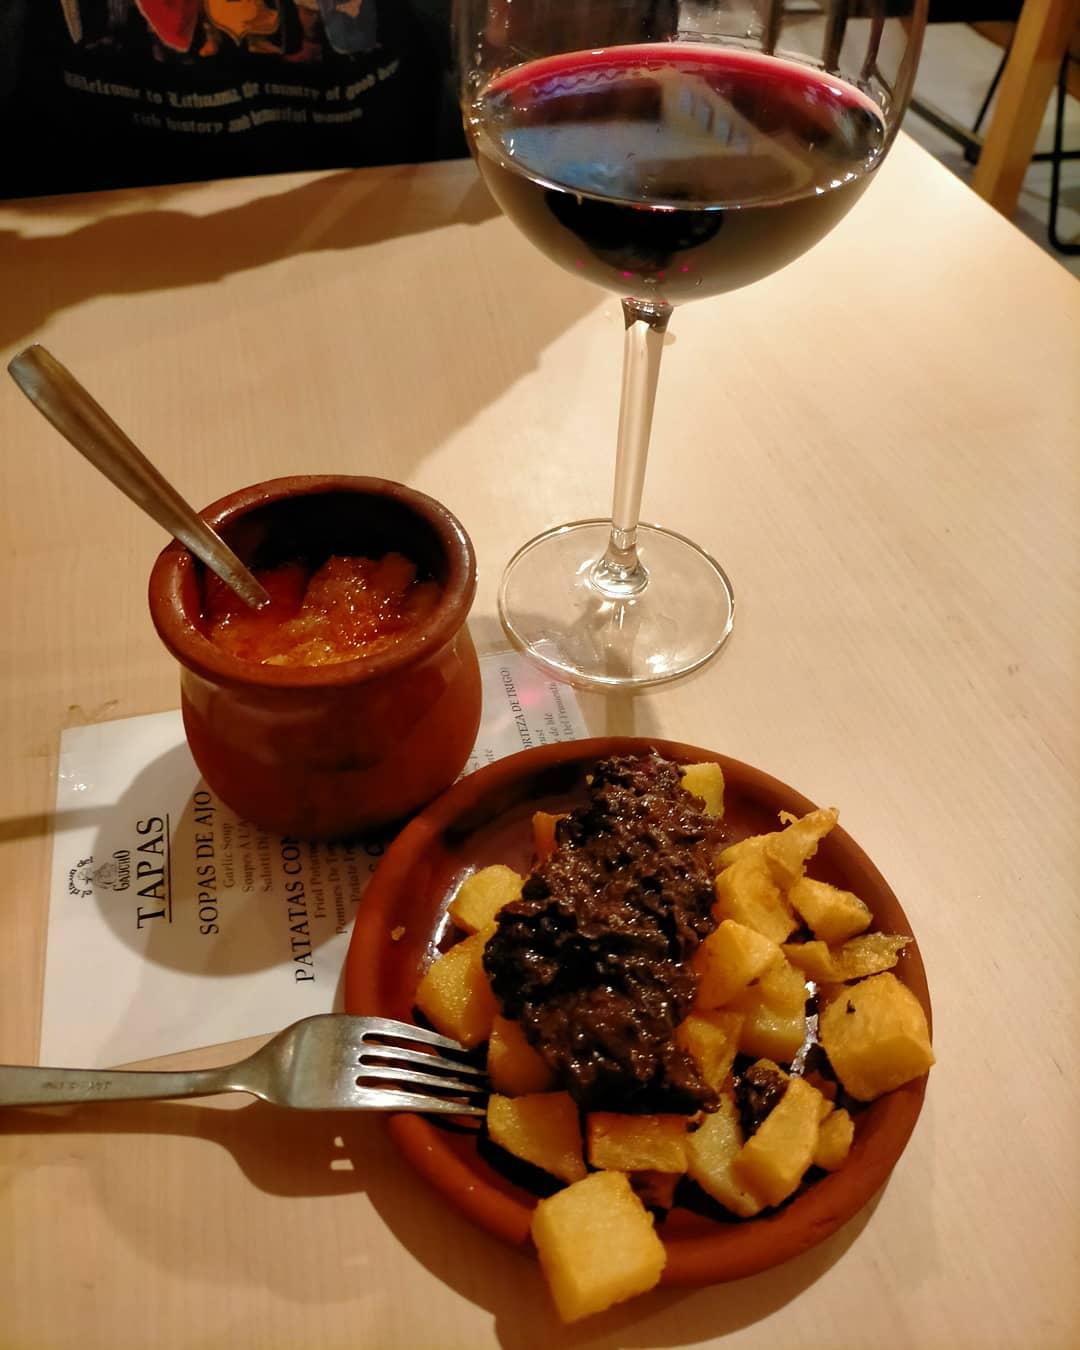 En León (España), a veces se sirve una ración tamaño aperitivo como tapa